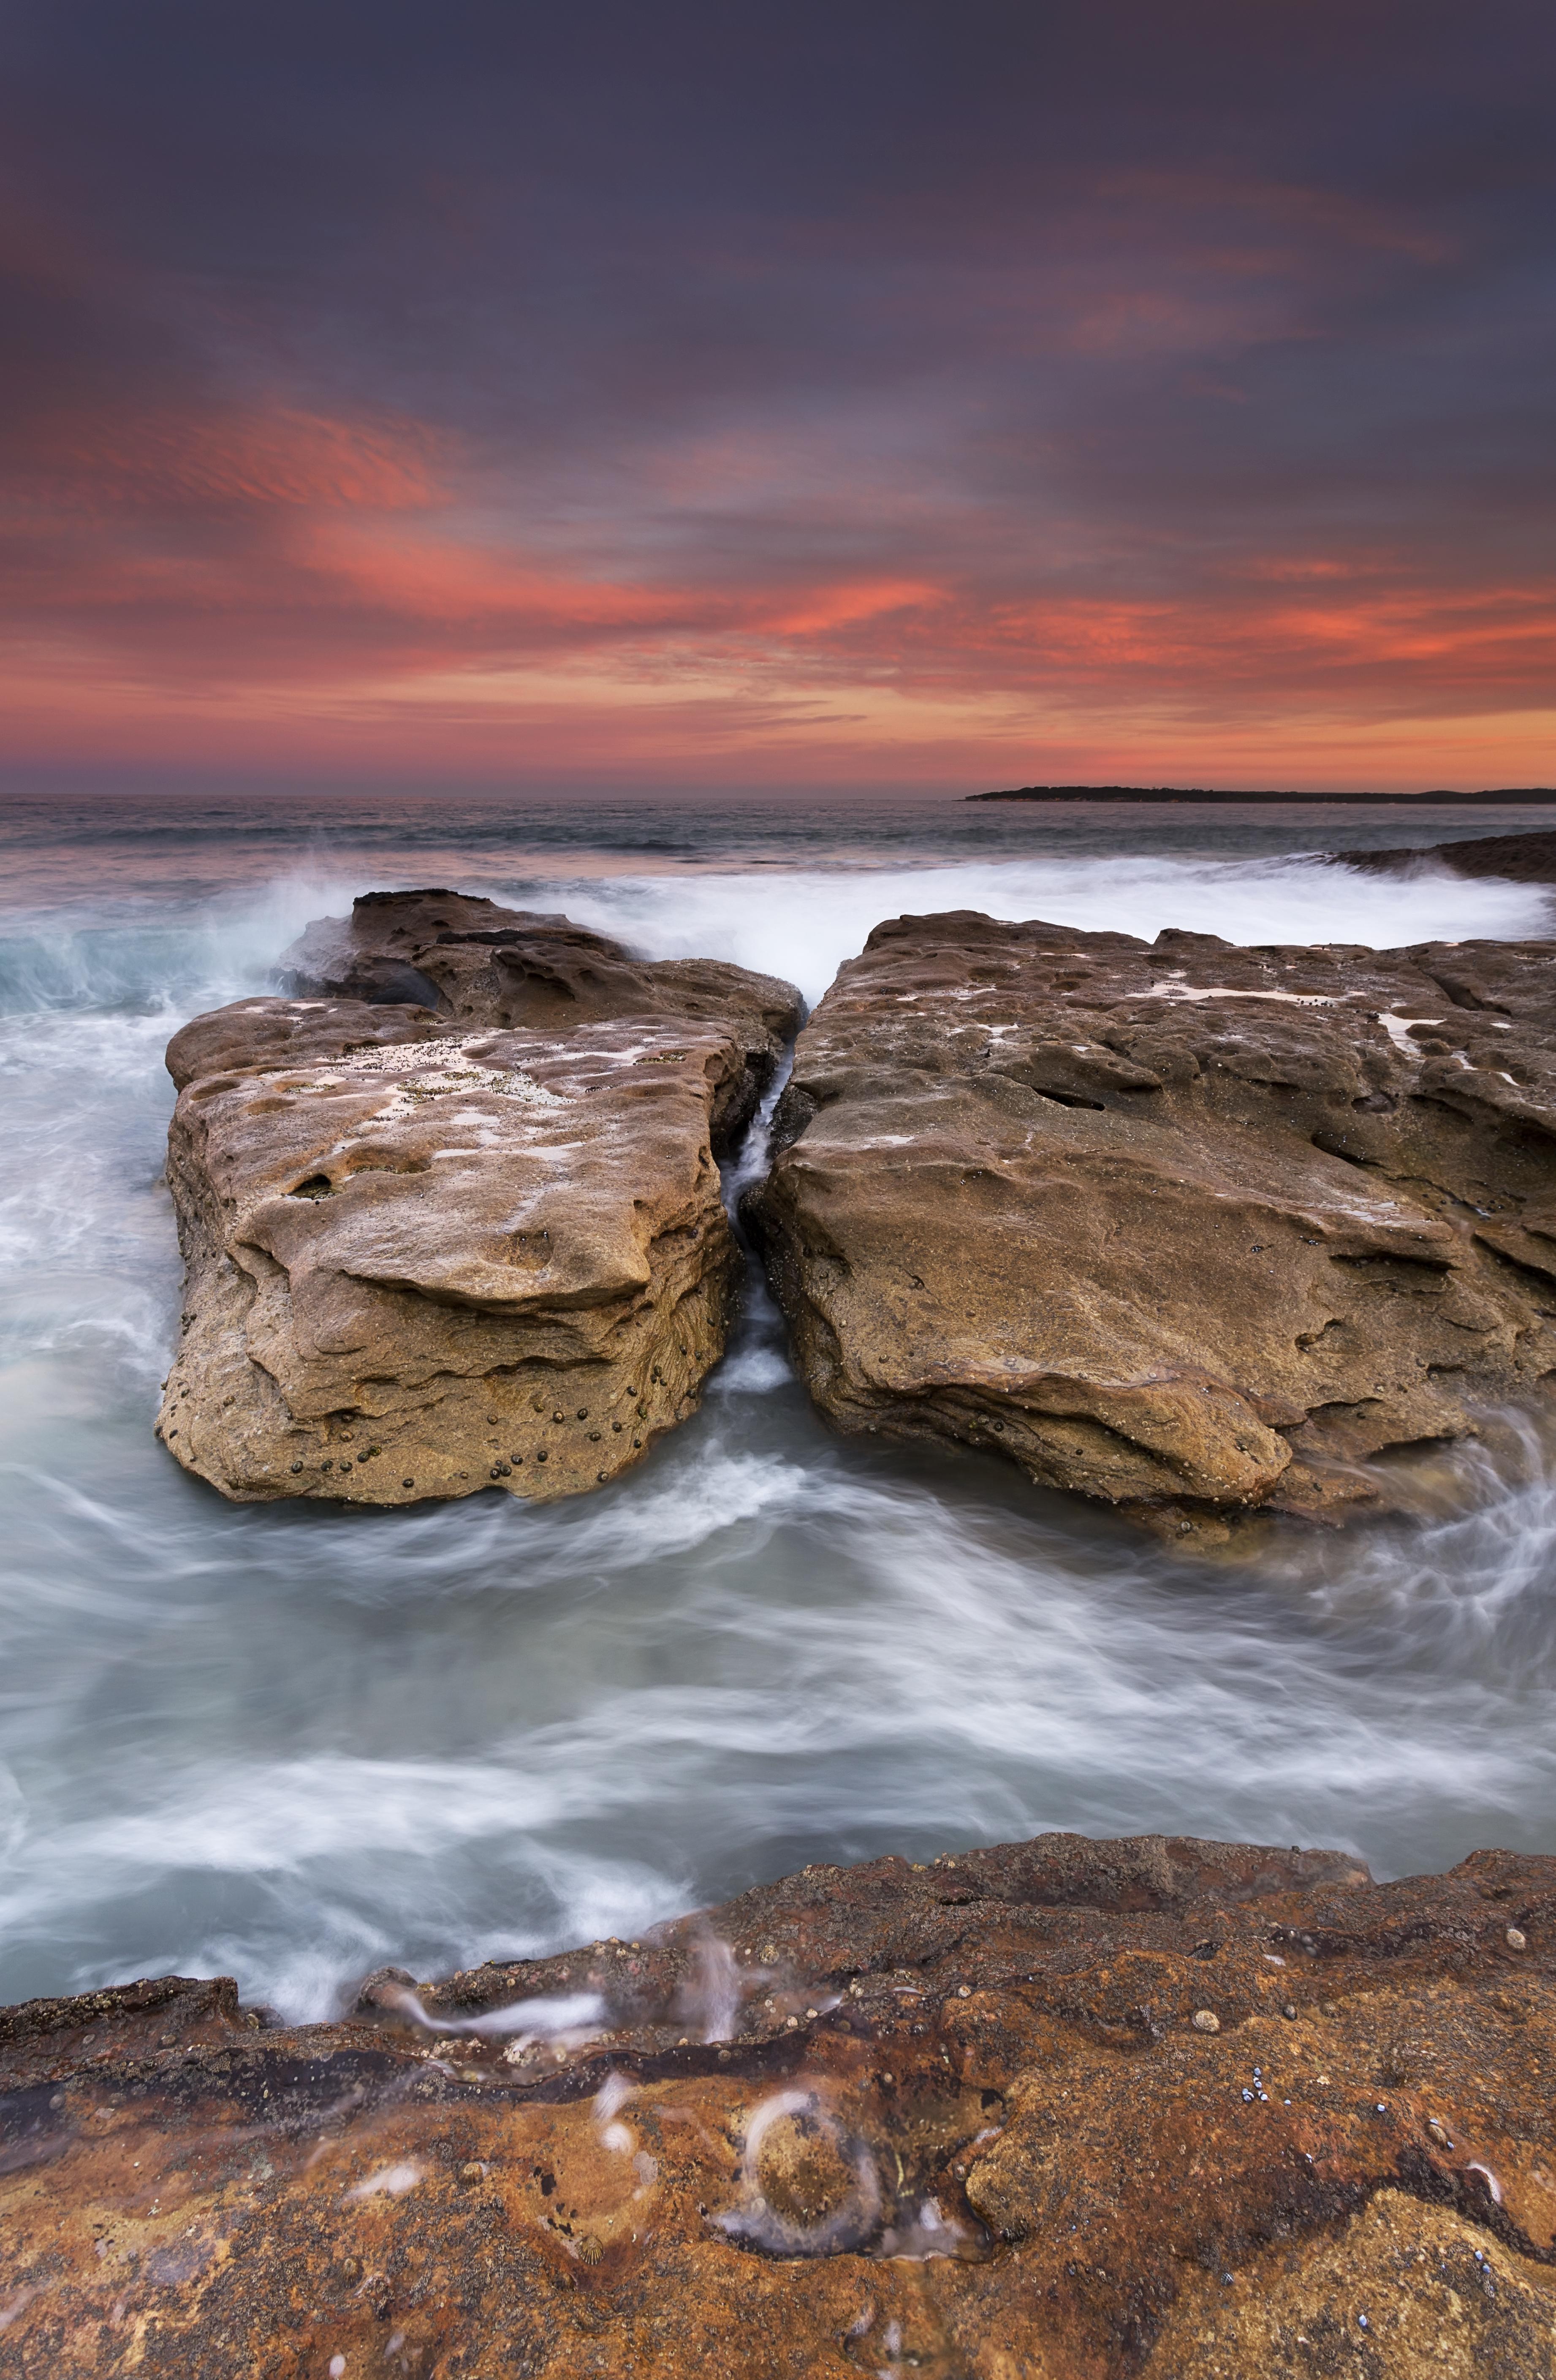 143411 скачать обои Природа, Скалы, Камни, Море, Прибой, Закат, Волны - заставки и картинки бесплатно